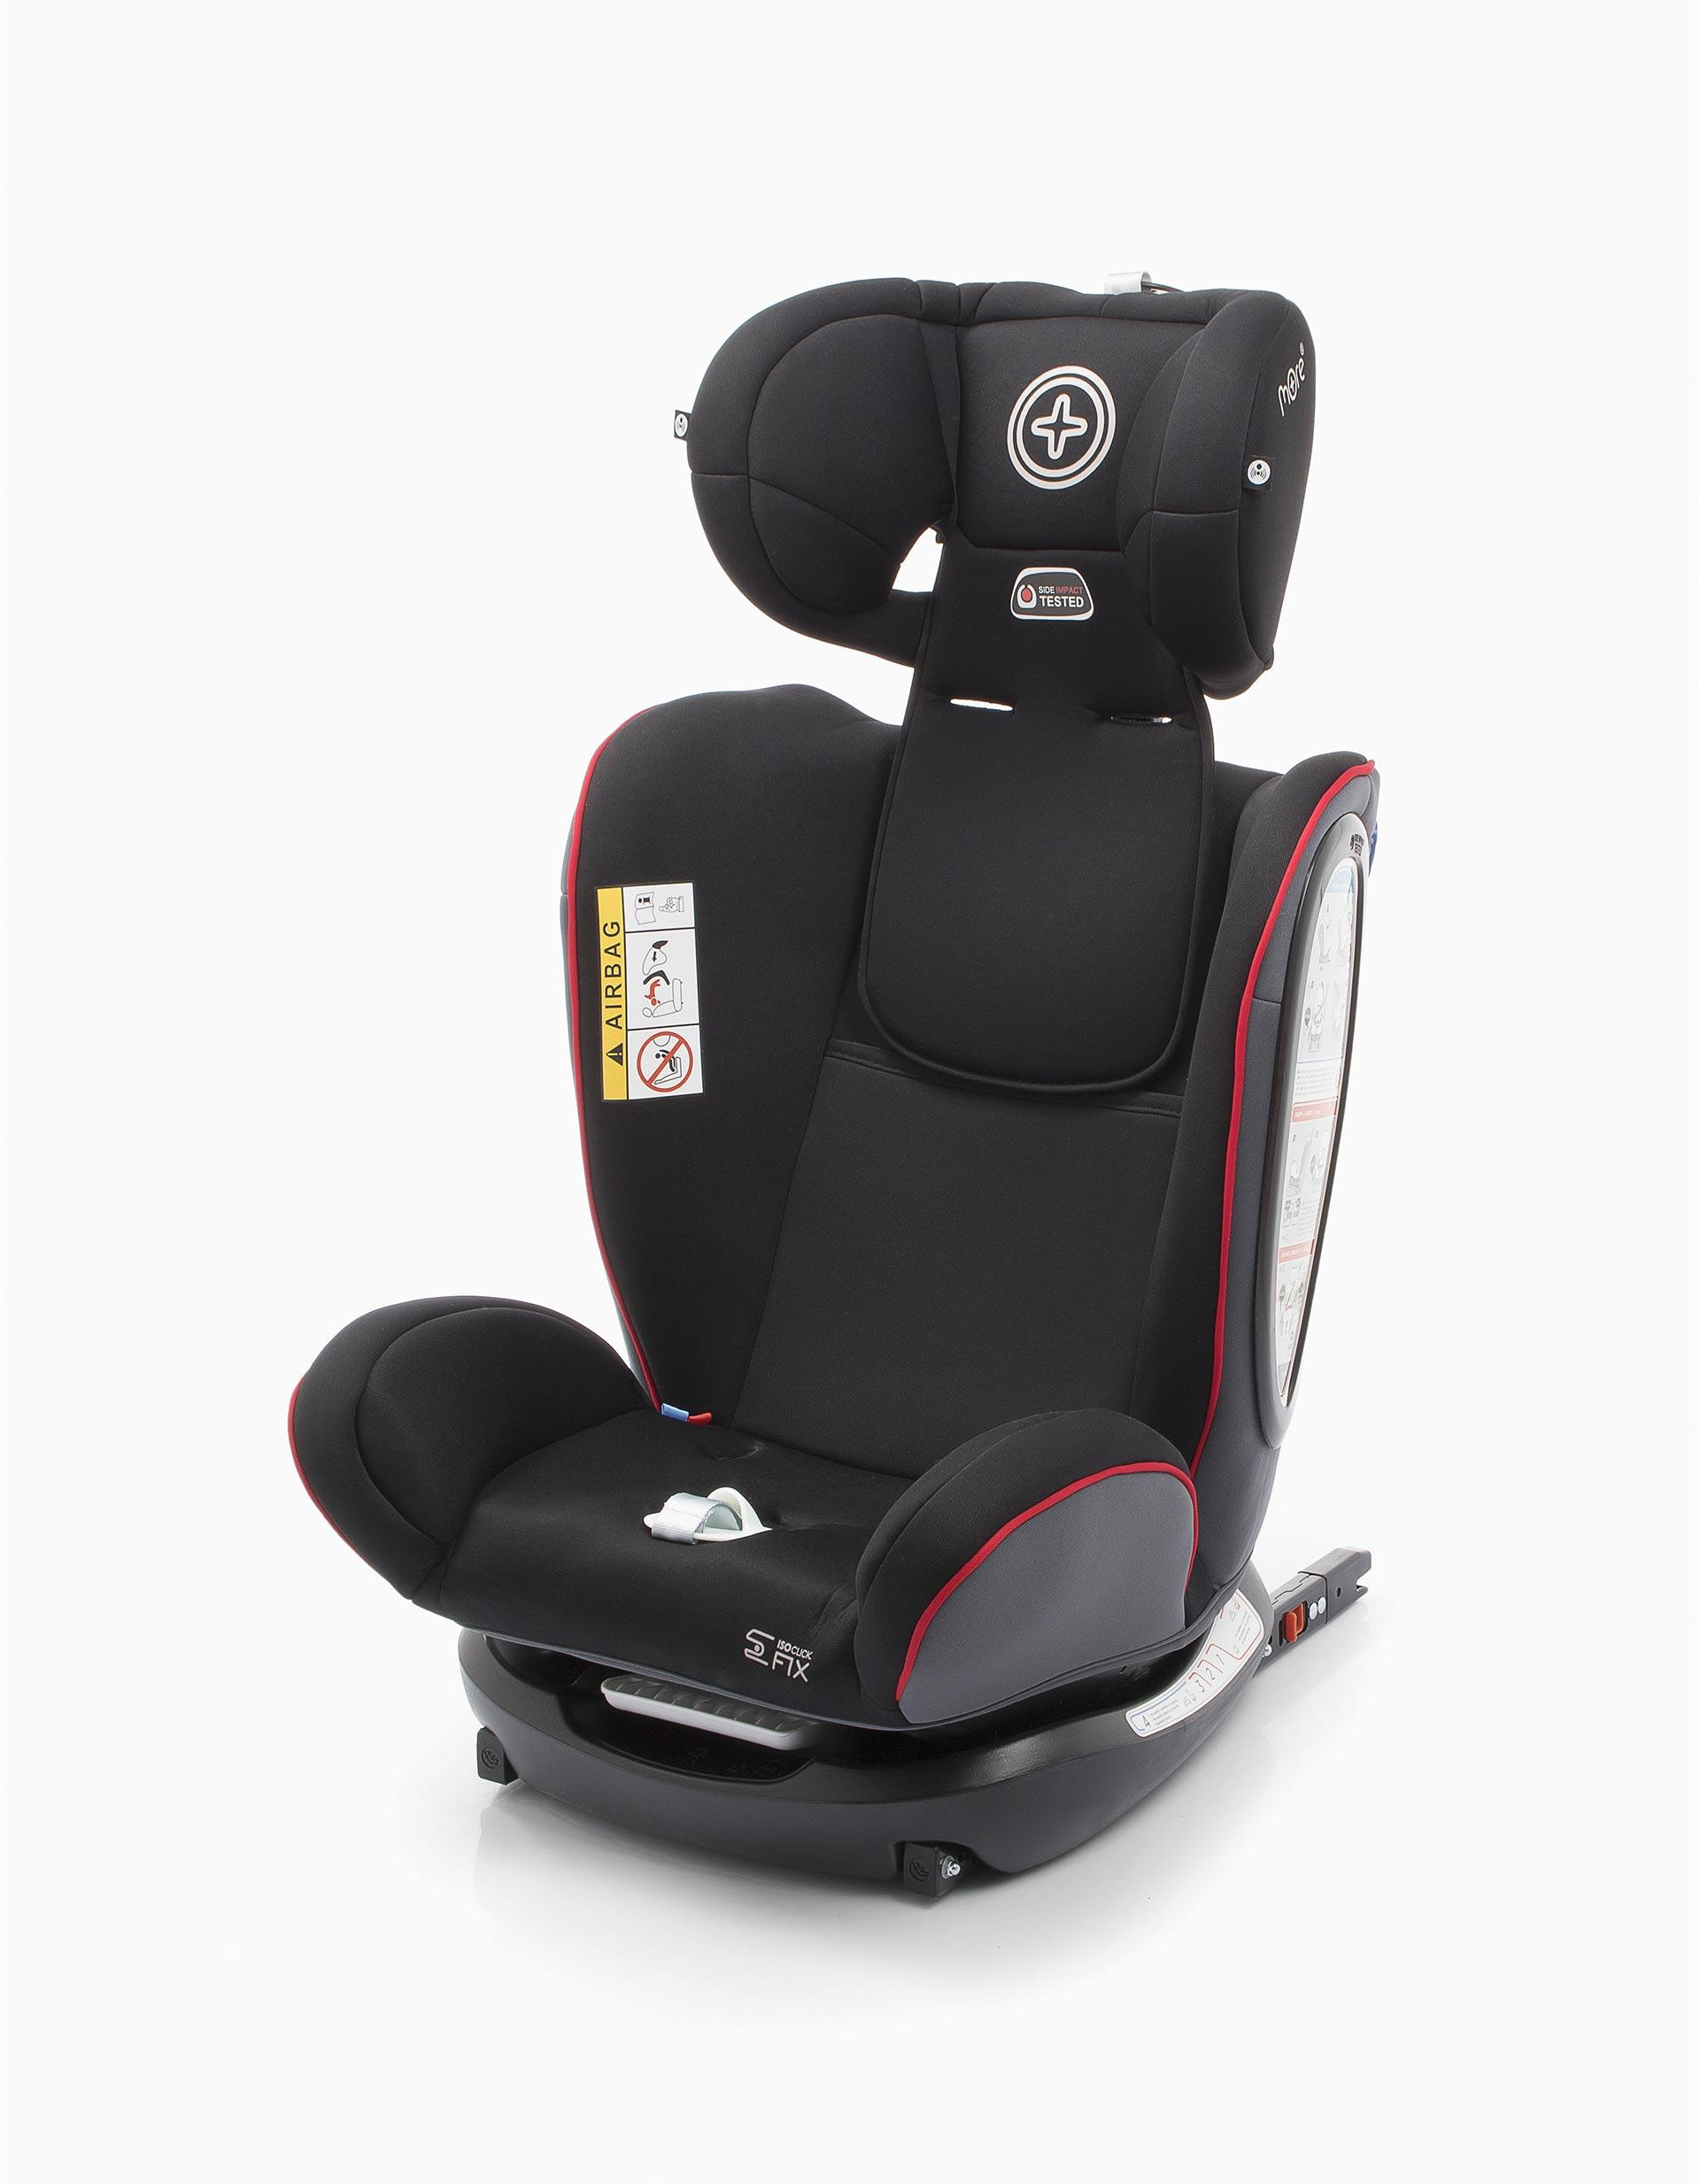 Artikelnummer 8436015311718 Babyauto Preise